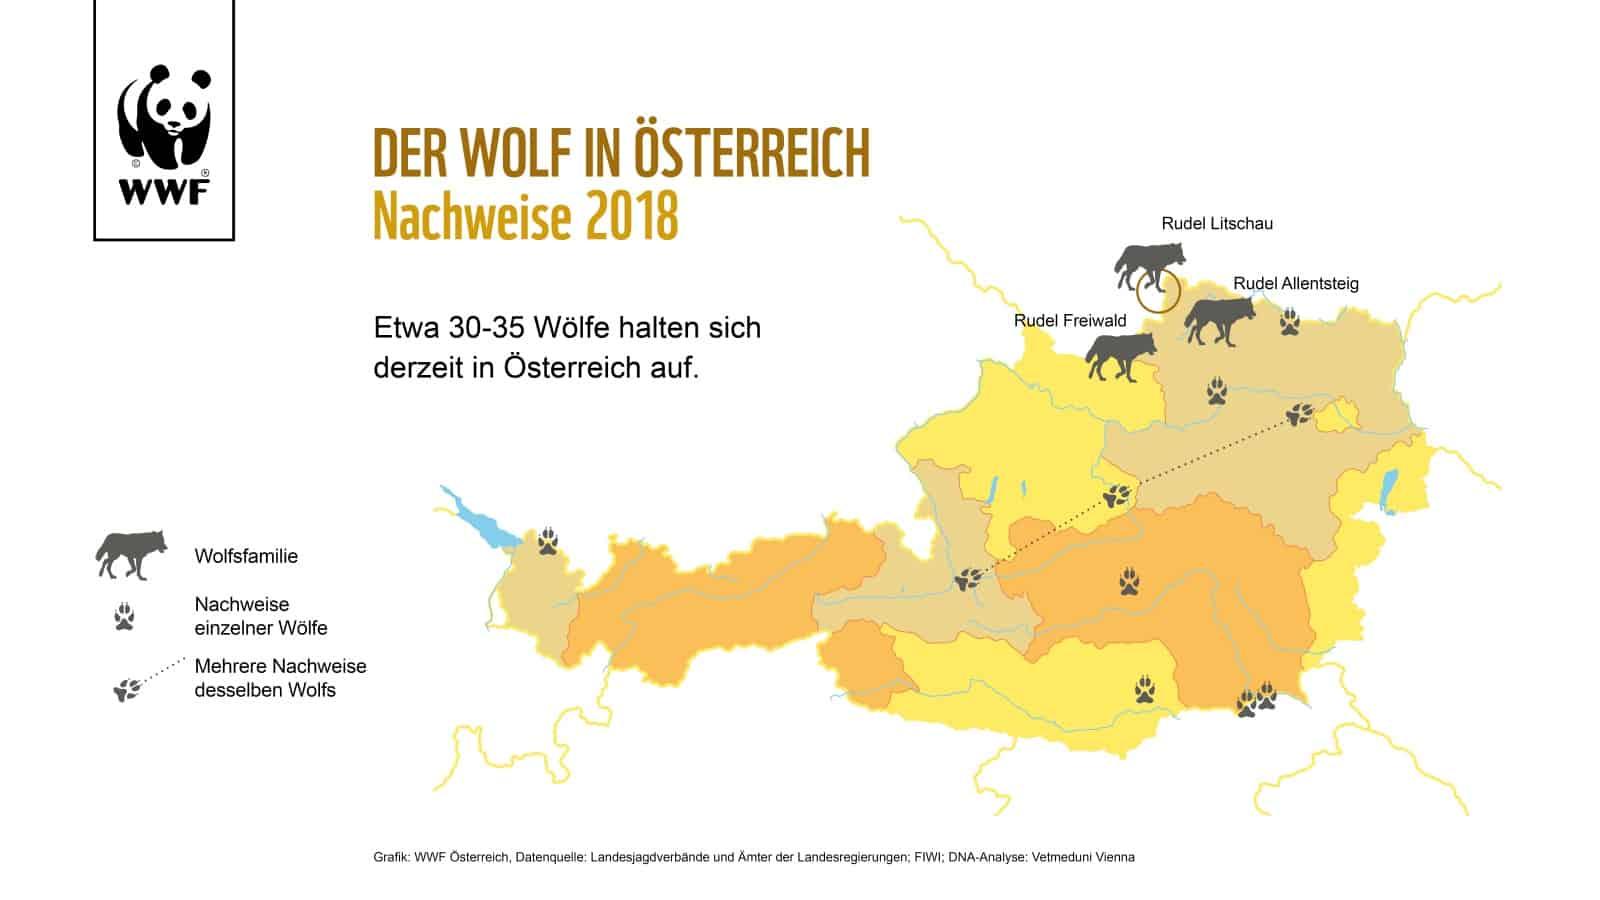 Wolfsverbreitung in Österreich